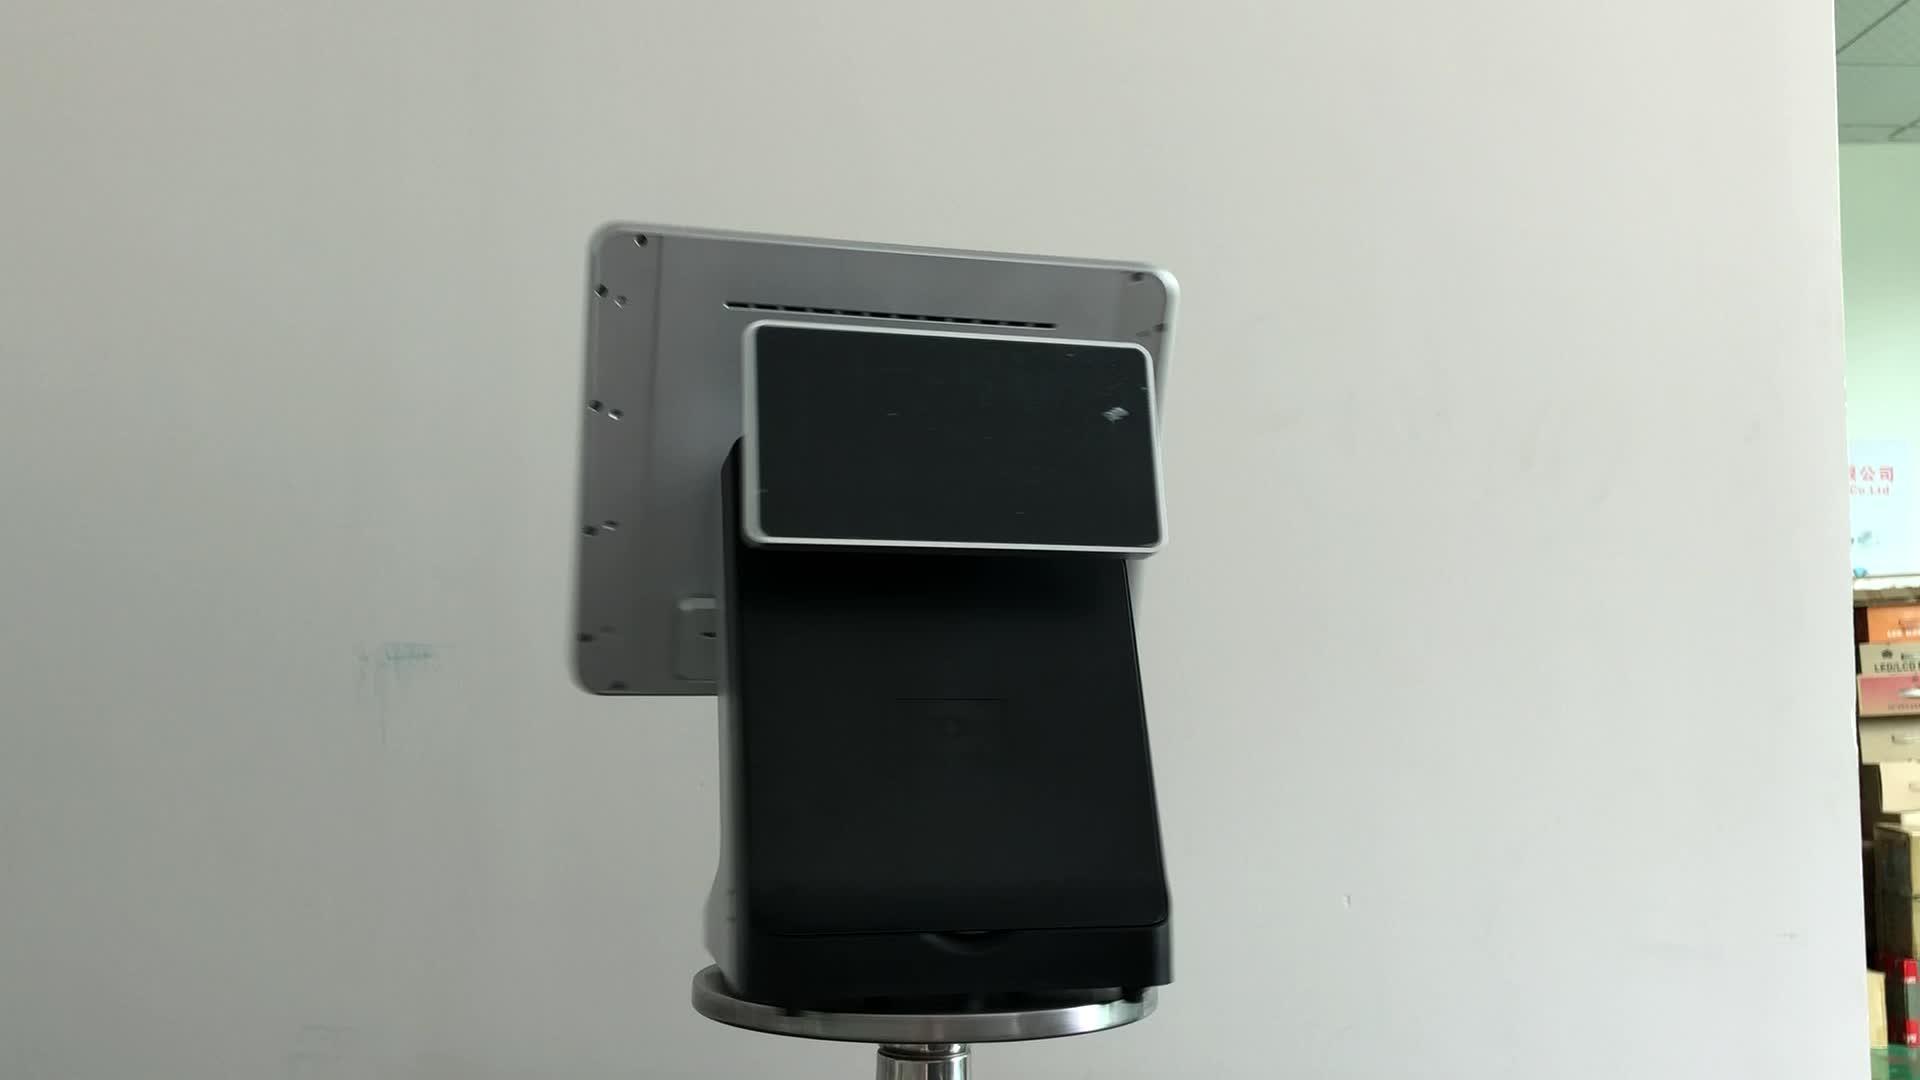 Windows Caisse Enregistreuse De Point De Vente à écran tactile pos tout en un système de Point de vente pour la vente au détail